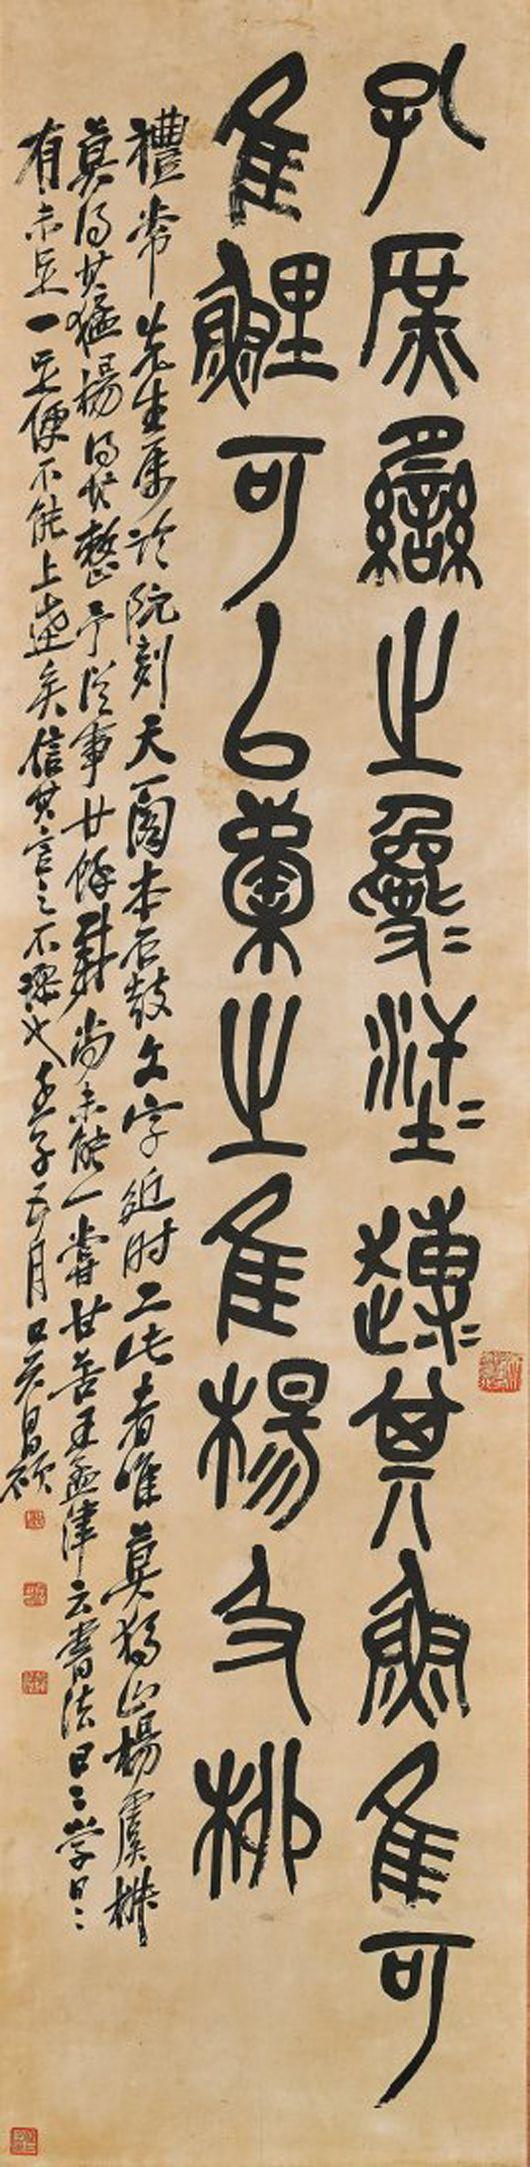 吳昌碩  篆書                                 Chinese ink-on-paper calligraphy by Wu Changshuo (1844-1927), signed with four seals of the artist and one collector's seal of Chongsog (Pyong-U-Min), $73,200.